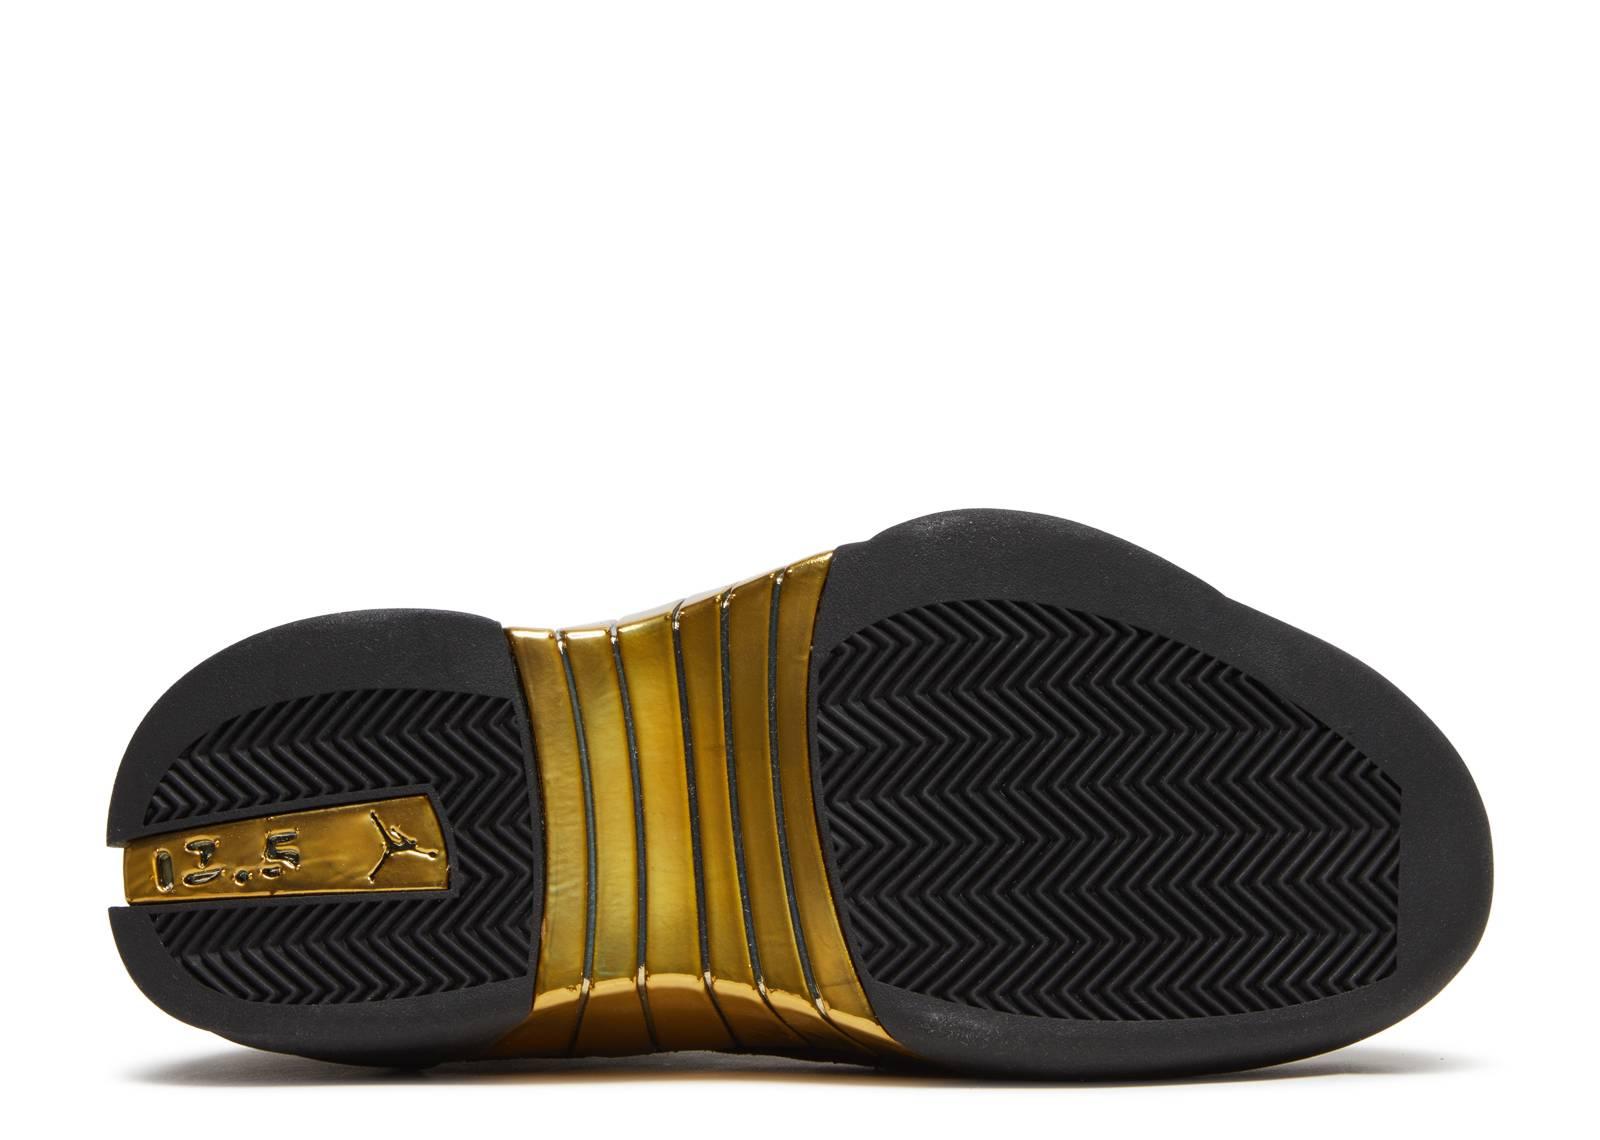 e600ddaa4b0999 Air Jordan 15 Retro DB (gs) - Air Jordan - bv7110 017 - black white-  metallic gold